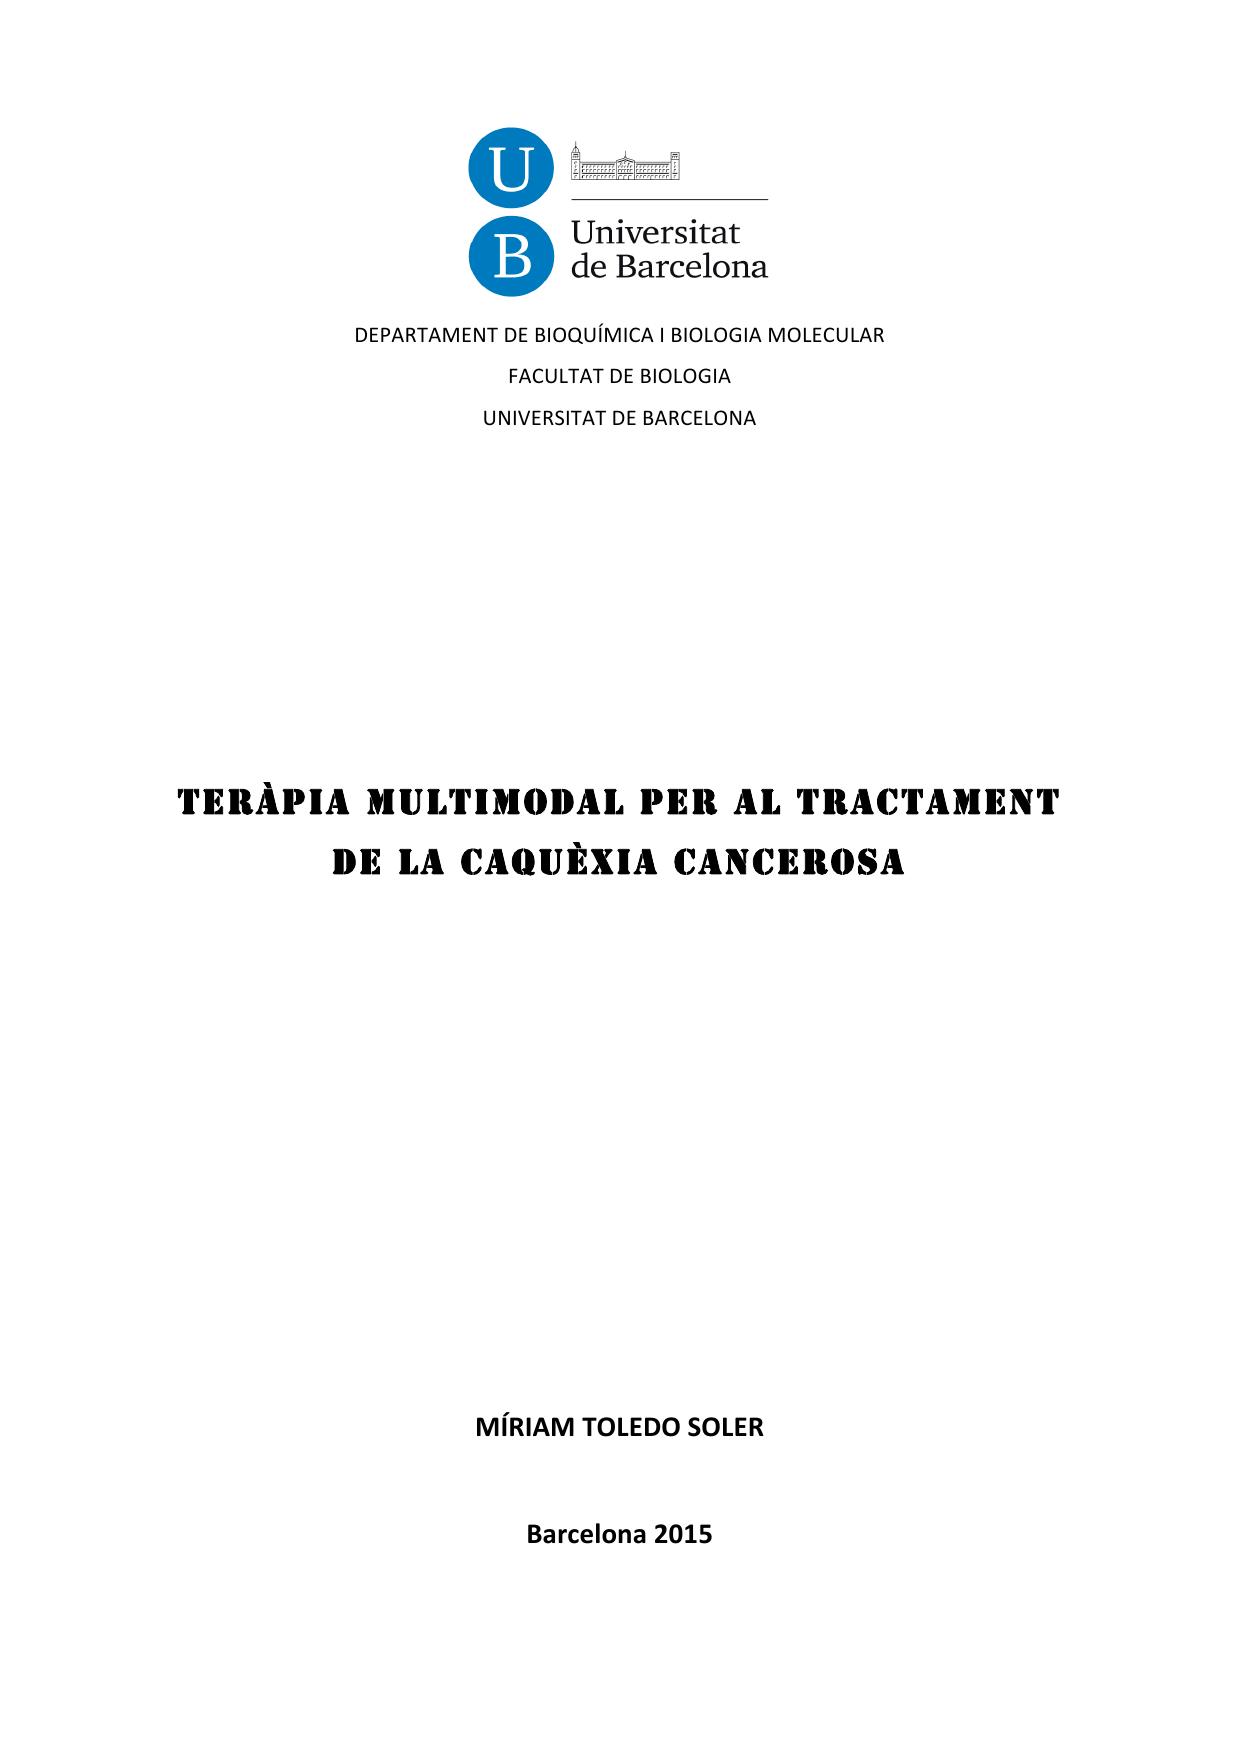 MTS_TESI.pdf